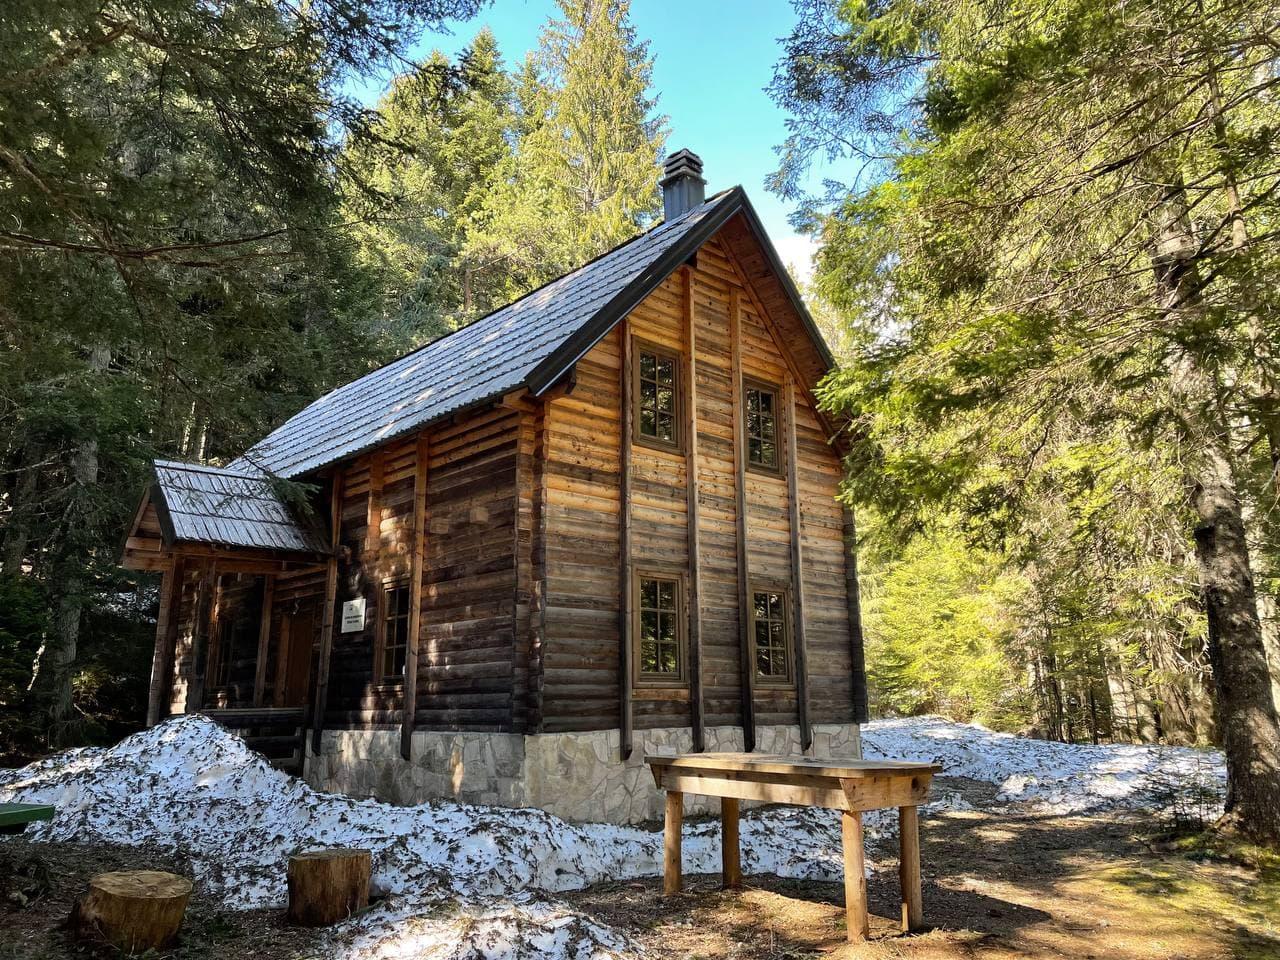 Черногория Дурмитор фото лесного домика